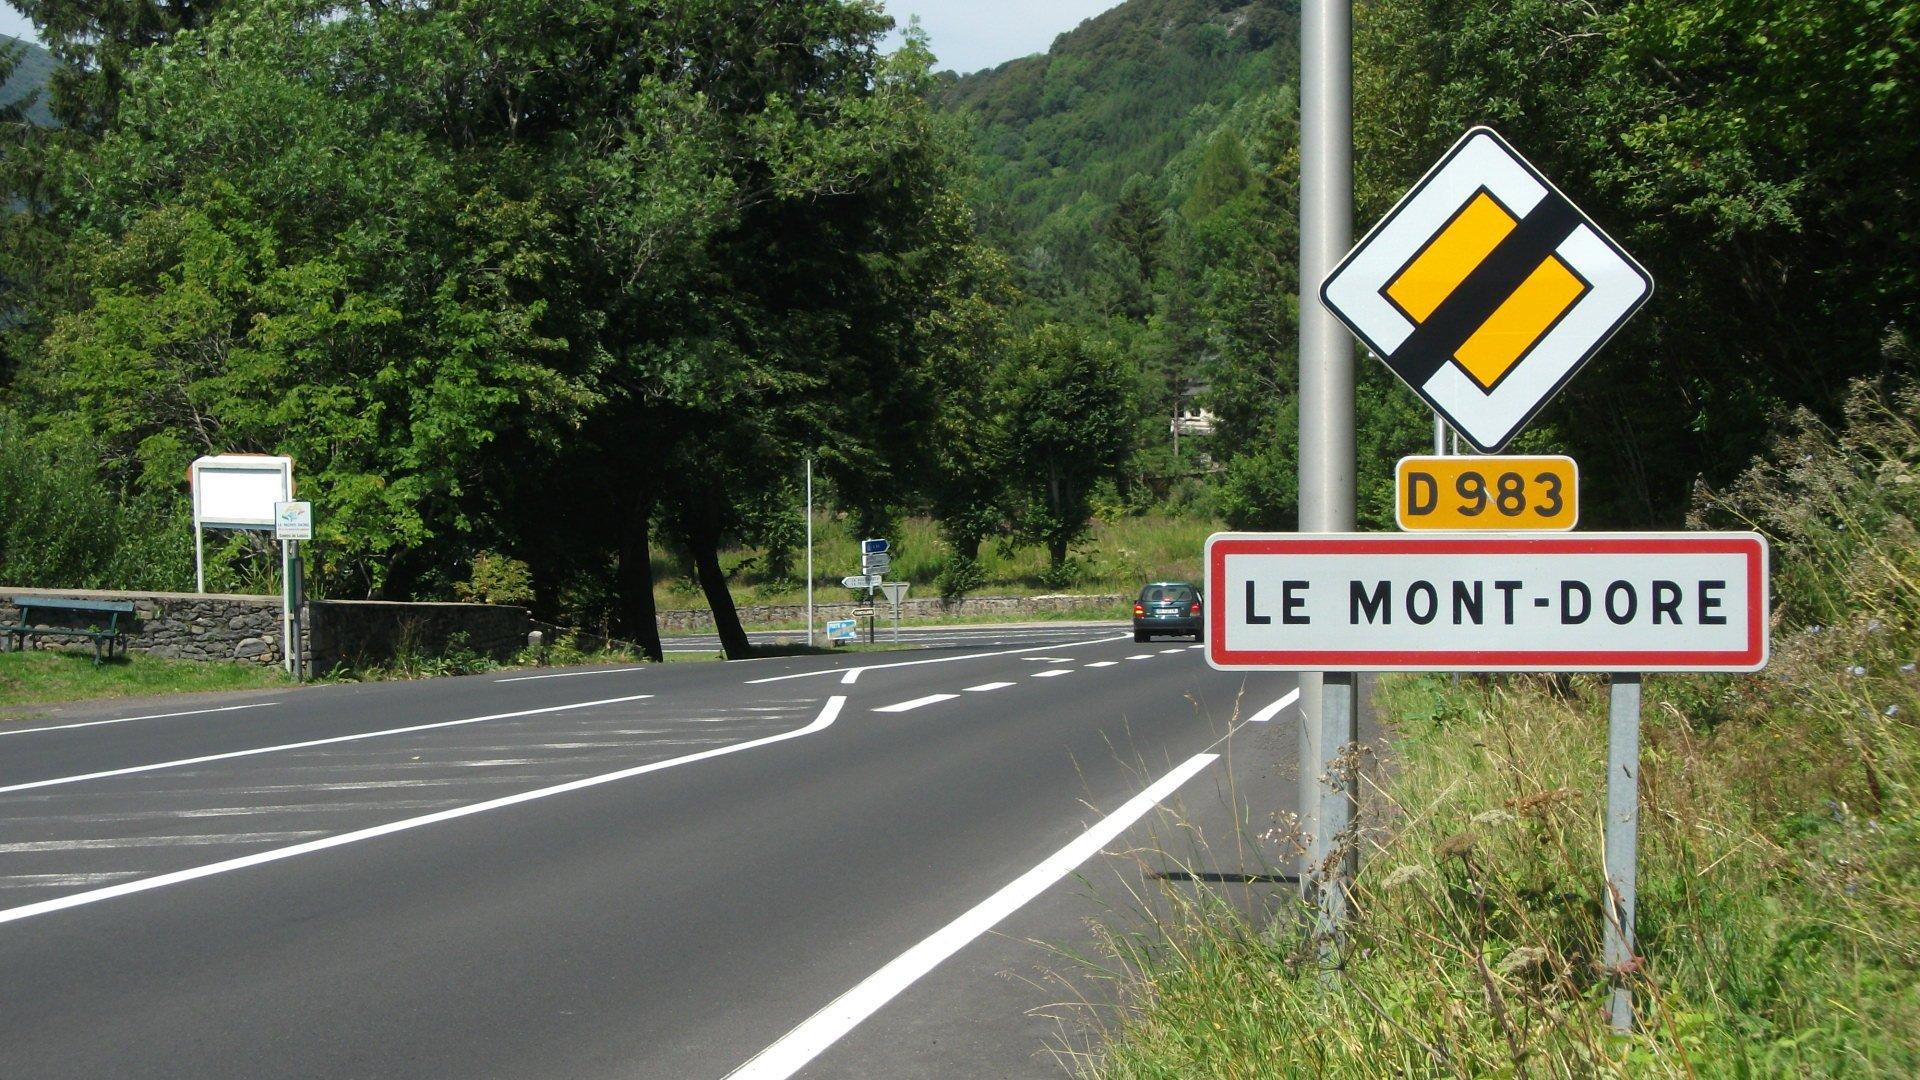 ¿Contamos hasta..................? - Página 33 Le_Mont-Dore_D_983_vers_Centre